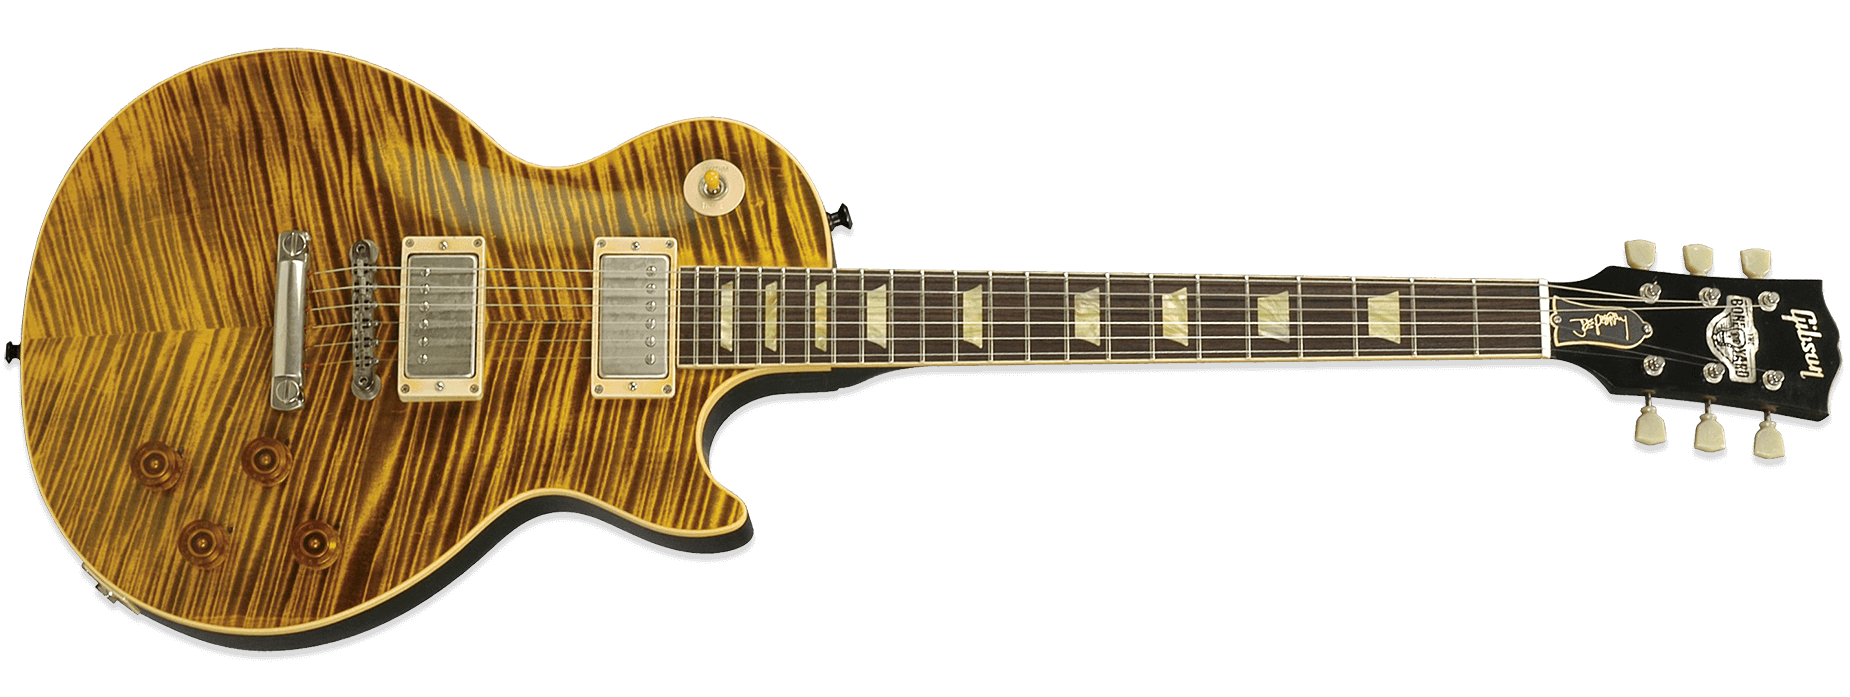 Gibson Les Paul Joe Perry Boneyard